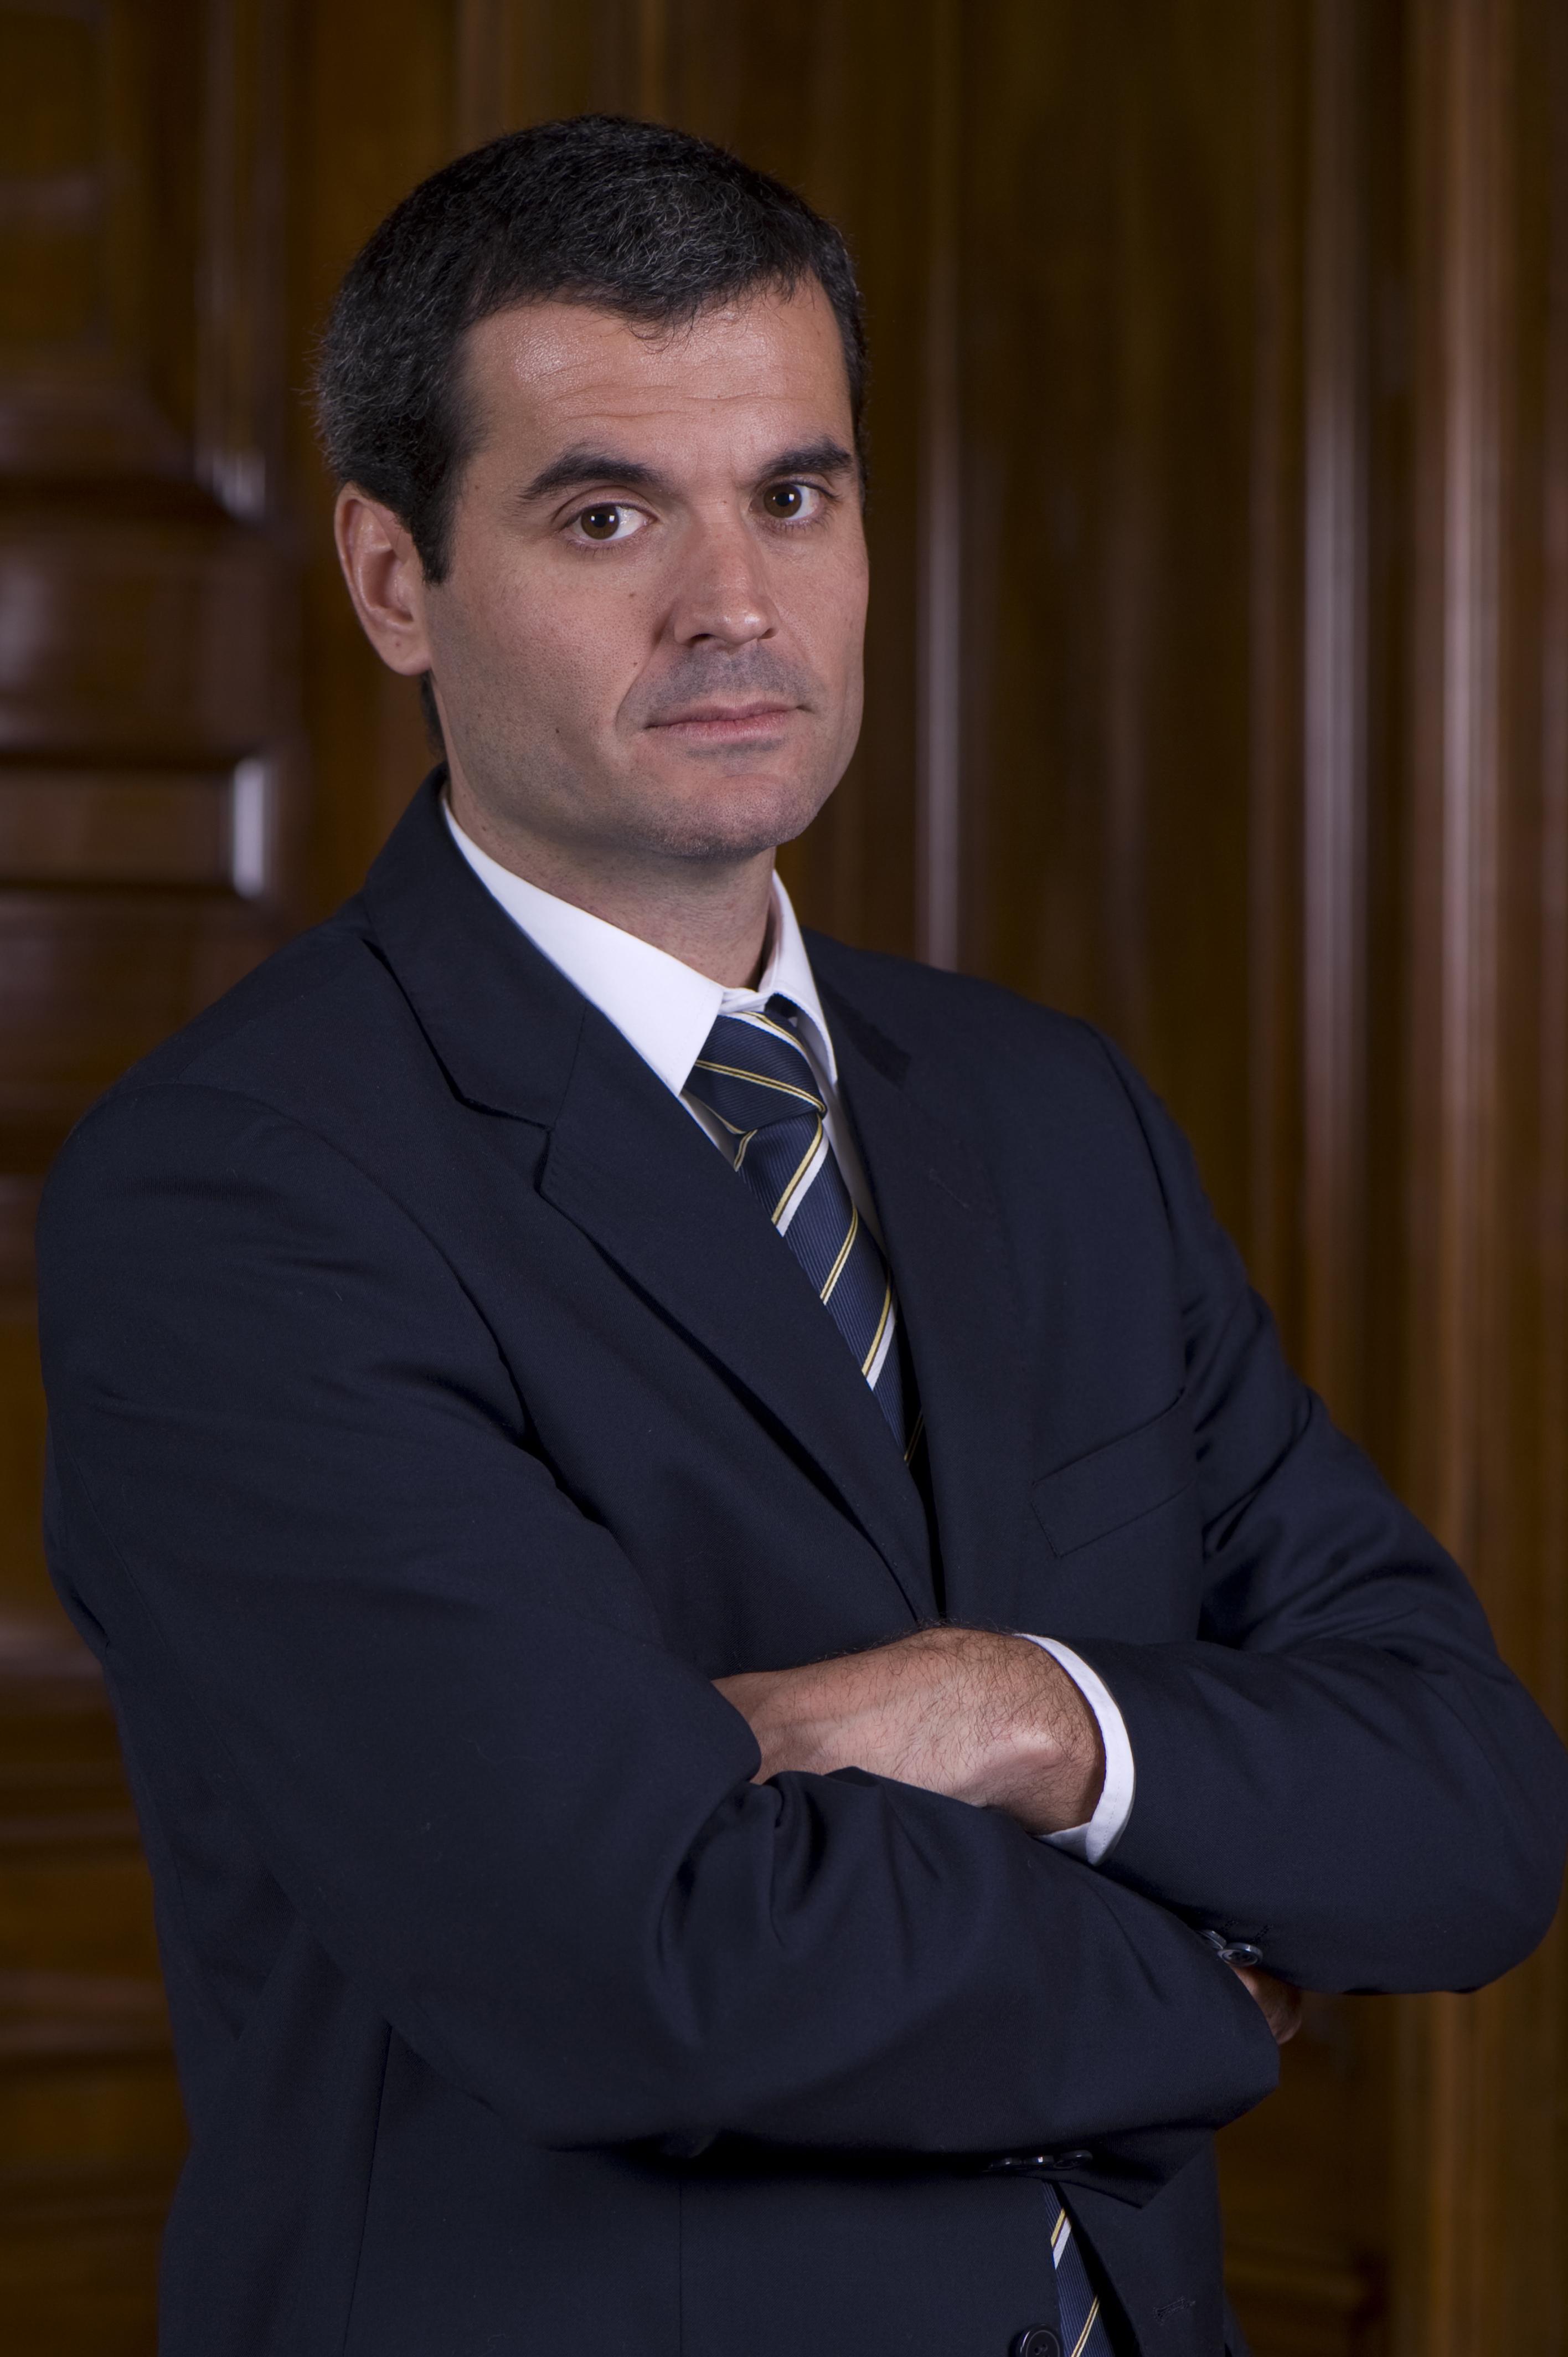 Leandro Francolino